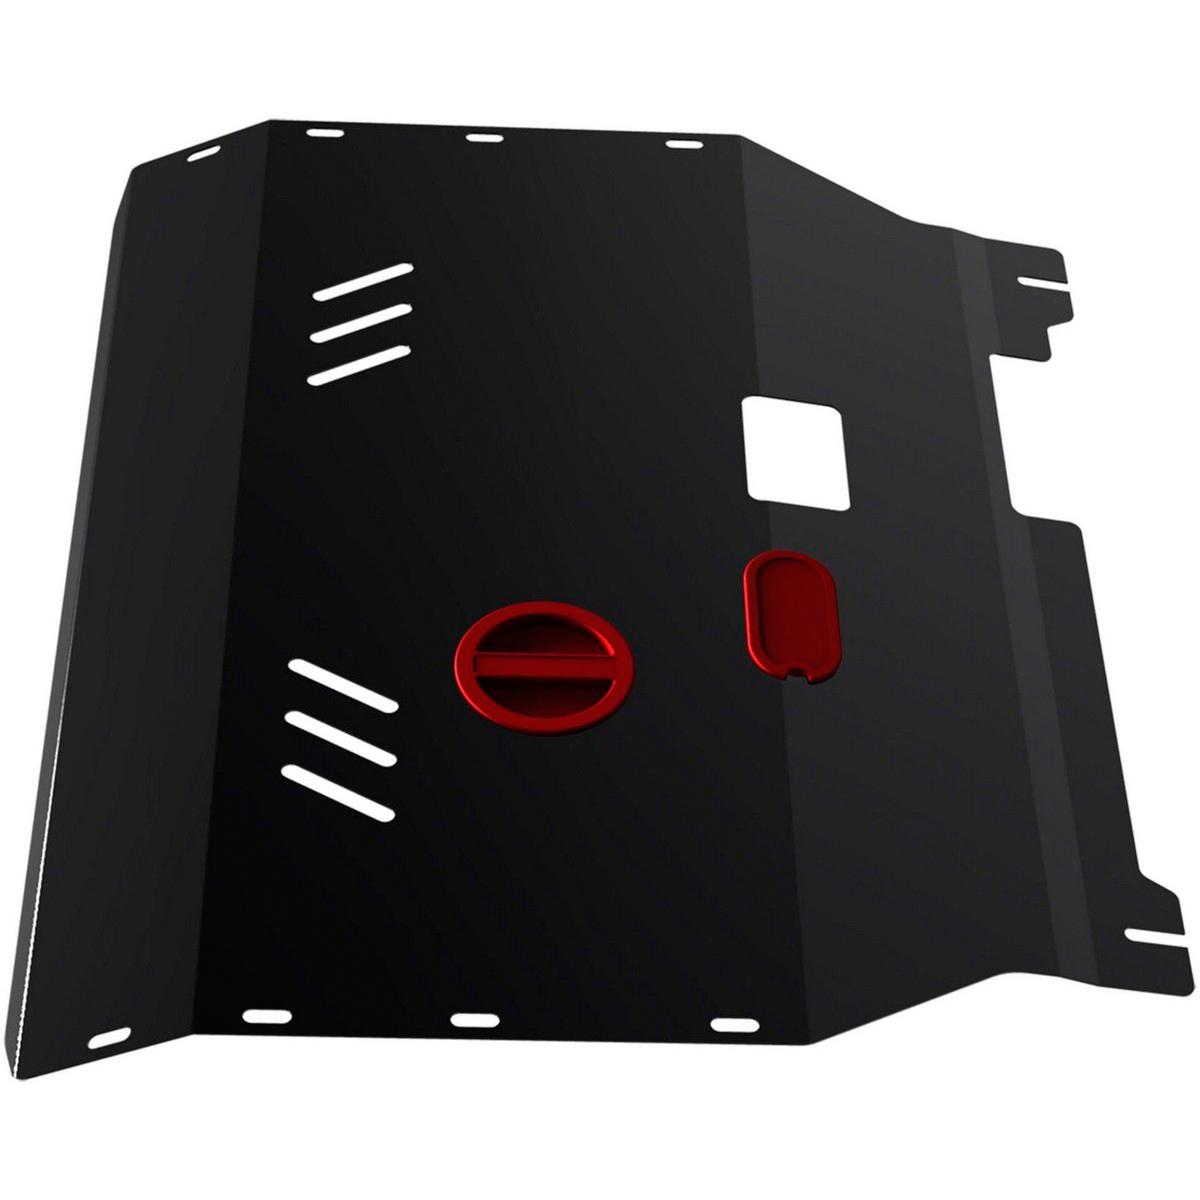 Защита картера и КПП Автоброня Ford Transit 2007-2014, сталь 2 мм111.01833.1Защита картера и КПП Автоброня Ford Transit передний привод, V-2,2 TDI 2007-2014, сталь 2 мм, комплект крепежа, 111.01833.1Стальные защиты Автоброня надежно защищают ваш автомобиль от повреждений при наезде на бордюры, выступающие канализационные люки, кромки поврежденного асфальта или при ремонте дорог, не говоря уже о загородных дорогах. - Имеют оптимальное соотношение цена-качество. - Спроектированы с учетом особенностей автомобиля, что делает установку удобной. - Защита устанавливается в штатные места кузова автомобиля. - Является надежной защитой для важных элементов на протяжении долгих лет. - Глубокий штамп дополнительно усиливает конструкцию защиты. - Подштамповка в местах крепления защищает крепеж от срезания. - Технологические отверстия там, где они необходимы для смены масла и слива воды, оборудованные заглушками, закрепленными на защите. Толщина стали 2 мм. В комплекте крепеж и инструкция по установке.